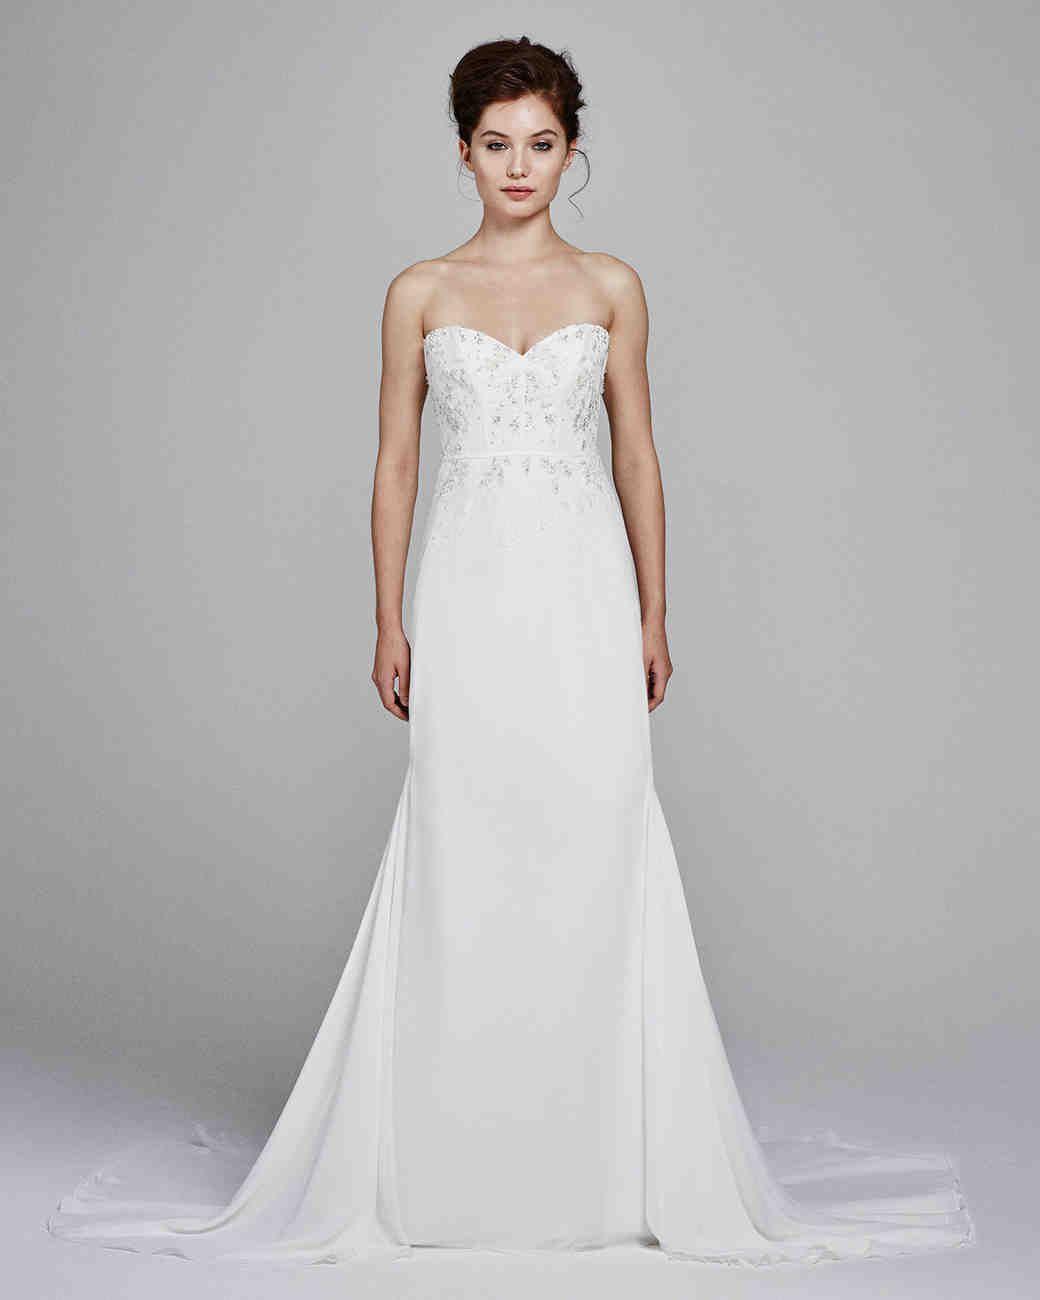 Kelly Faetanini Fall 2017 Wedding Dress Collection Martha